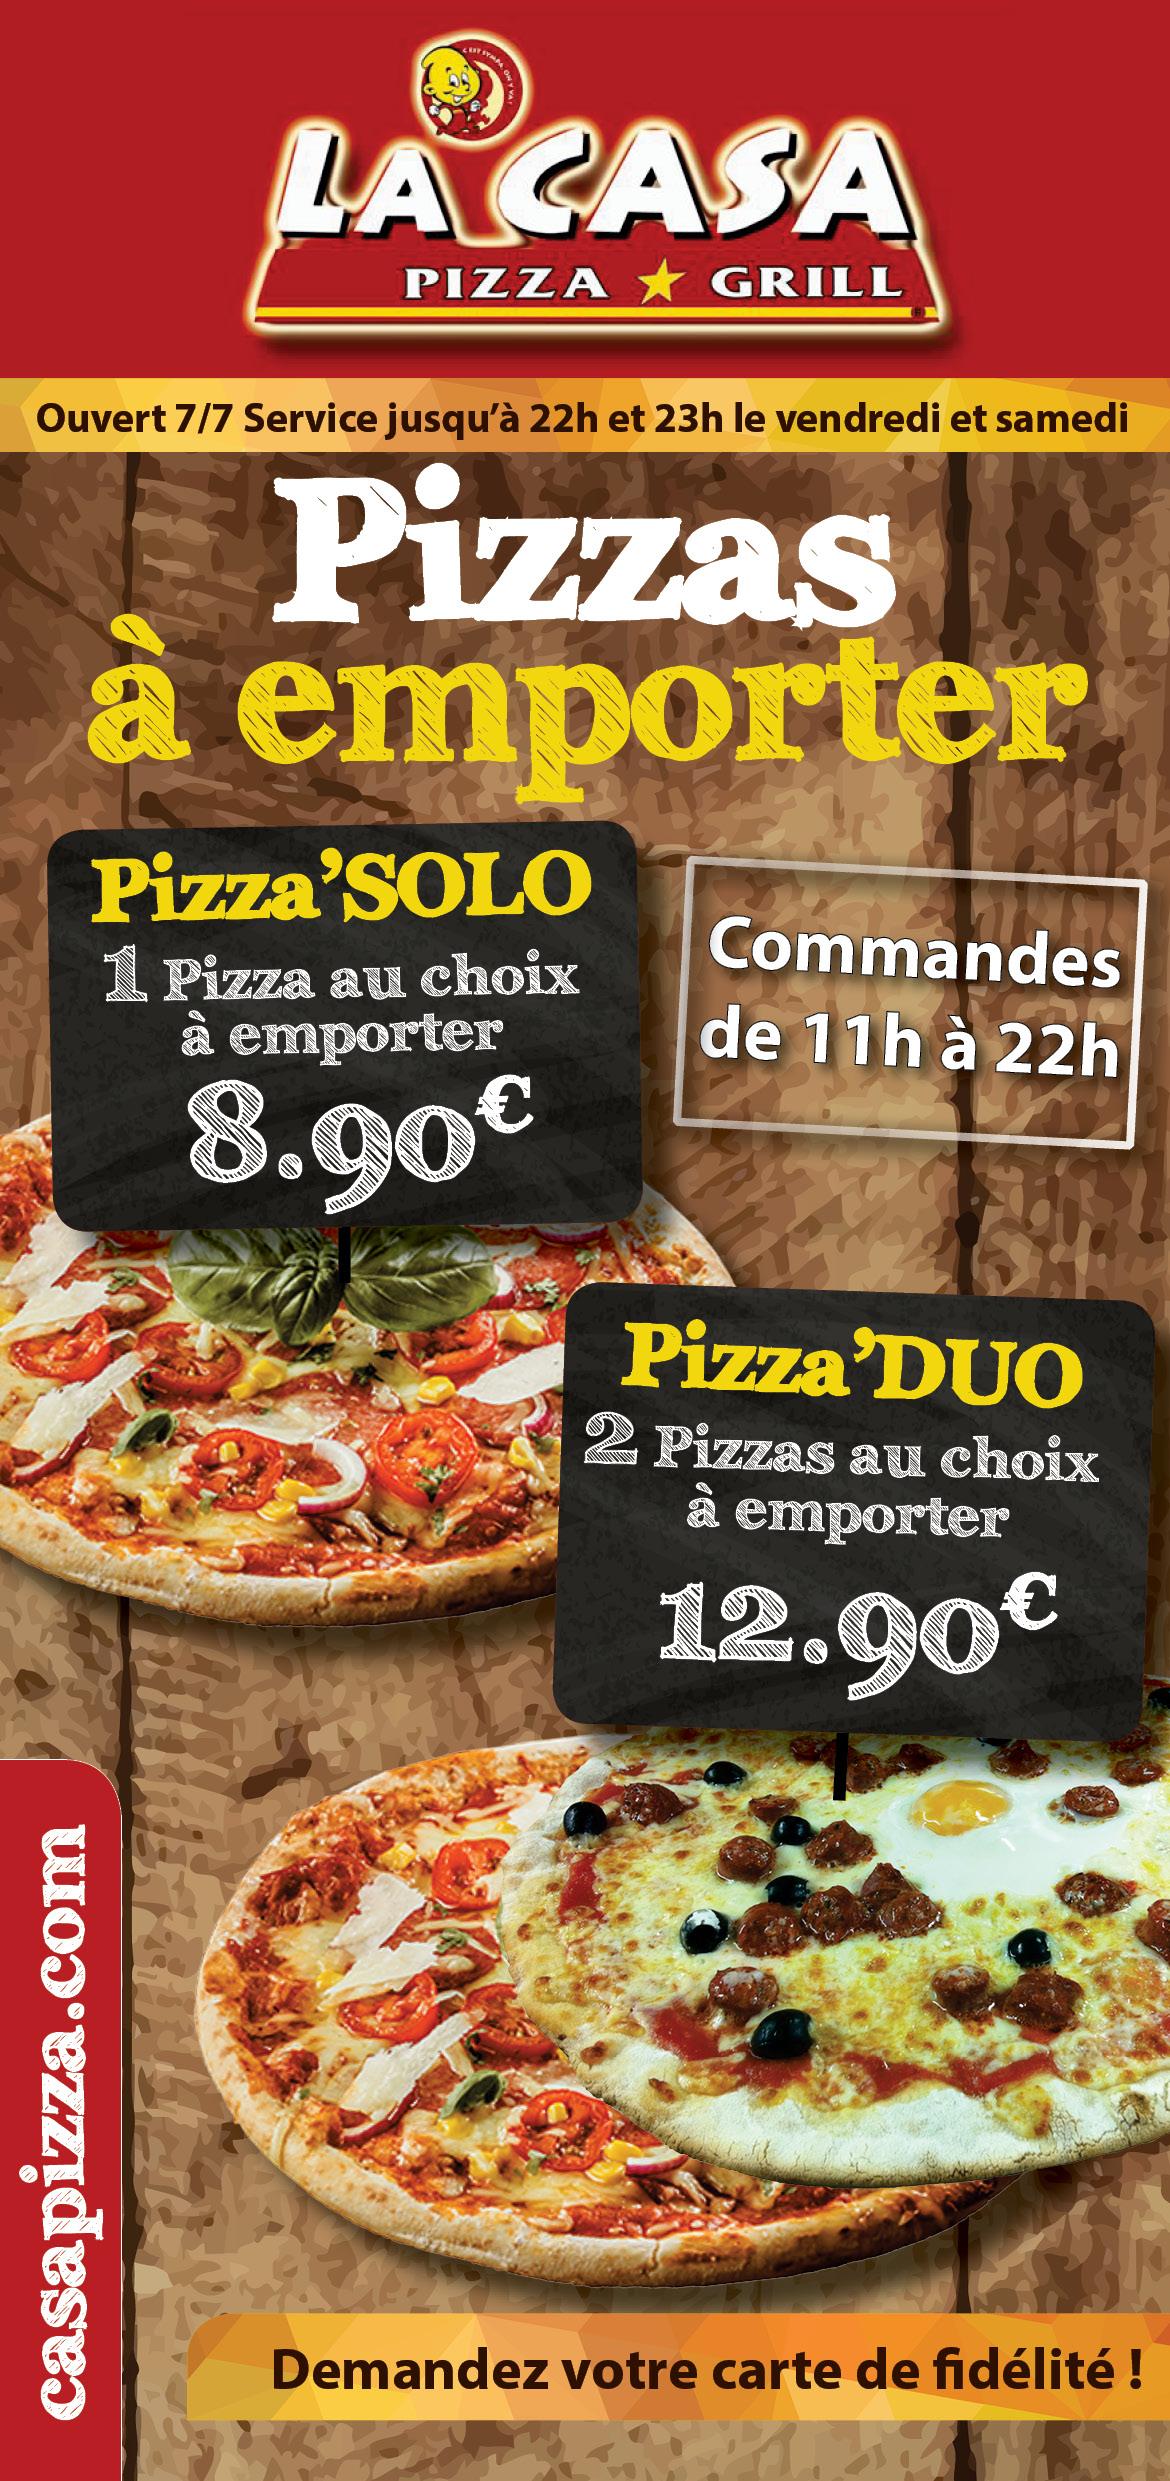 casa pizza pizzas emporter les coteaux centre commercial leclerc saintes. Black Bedroom Furniture Sets. Home Design Ideas